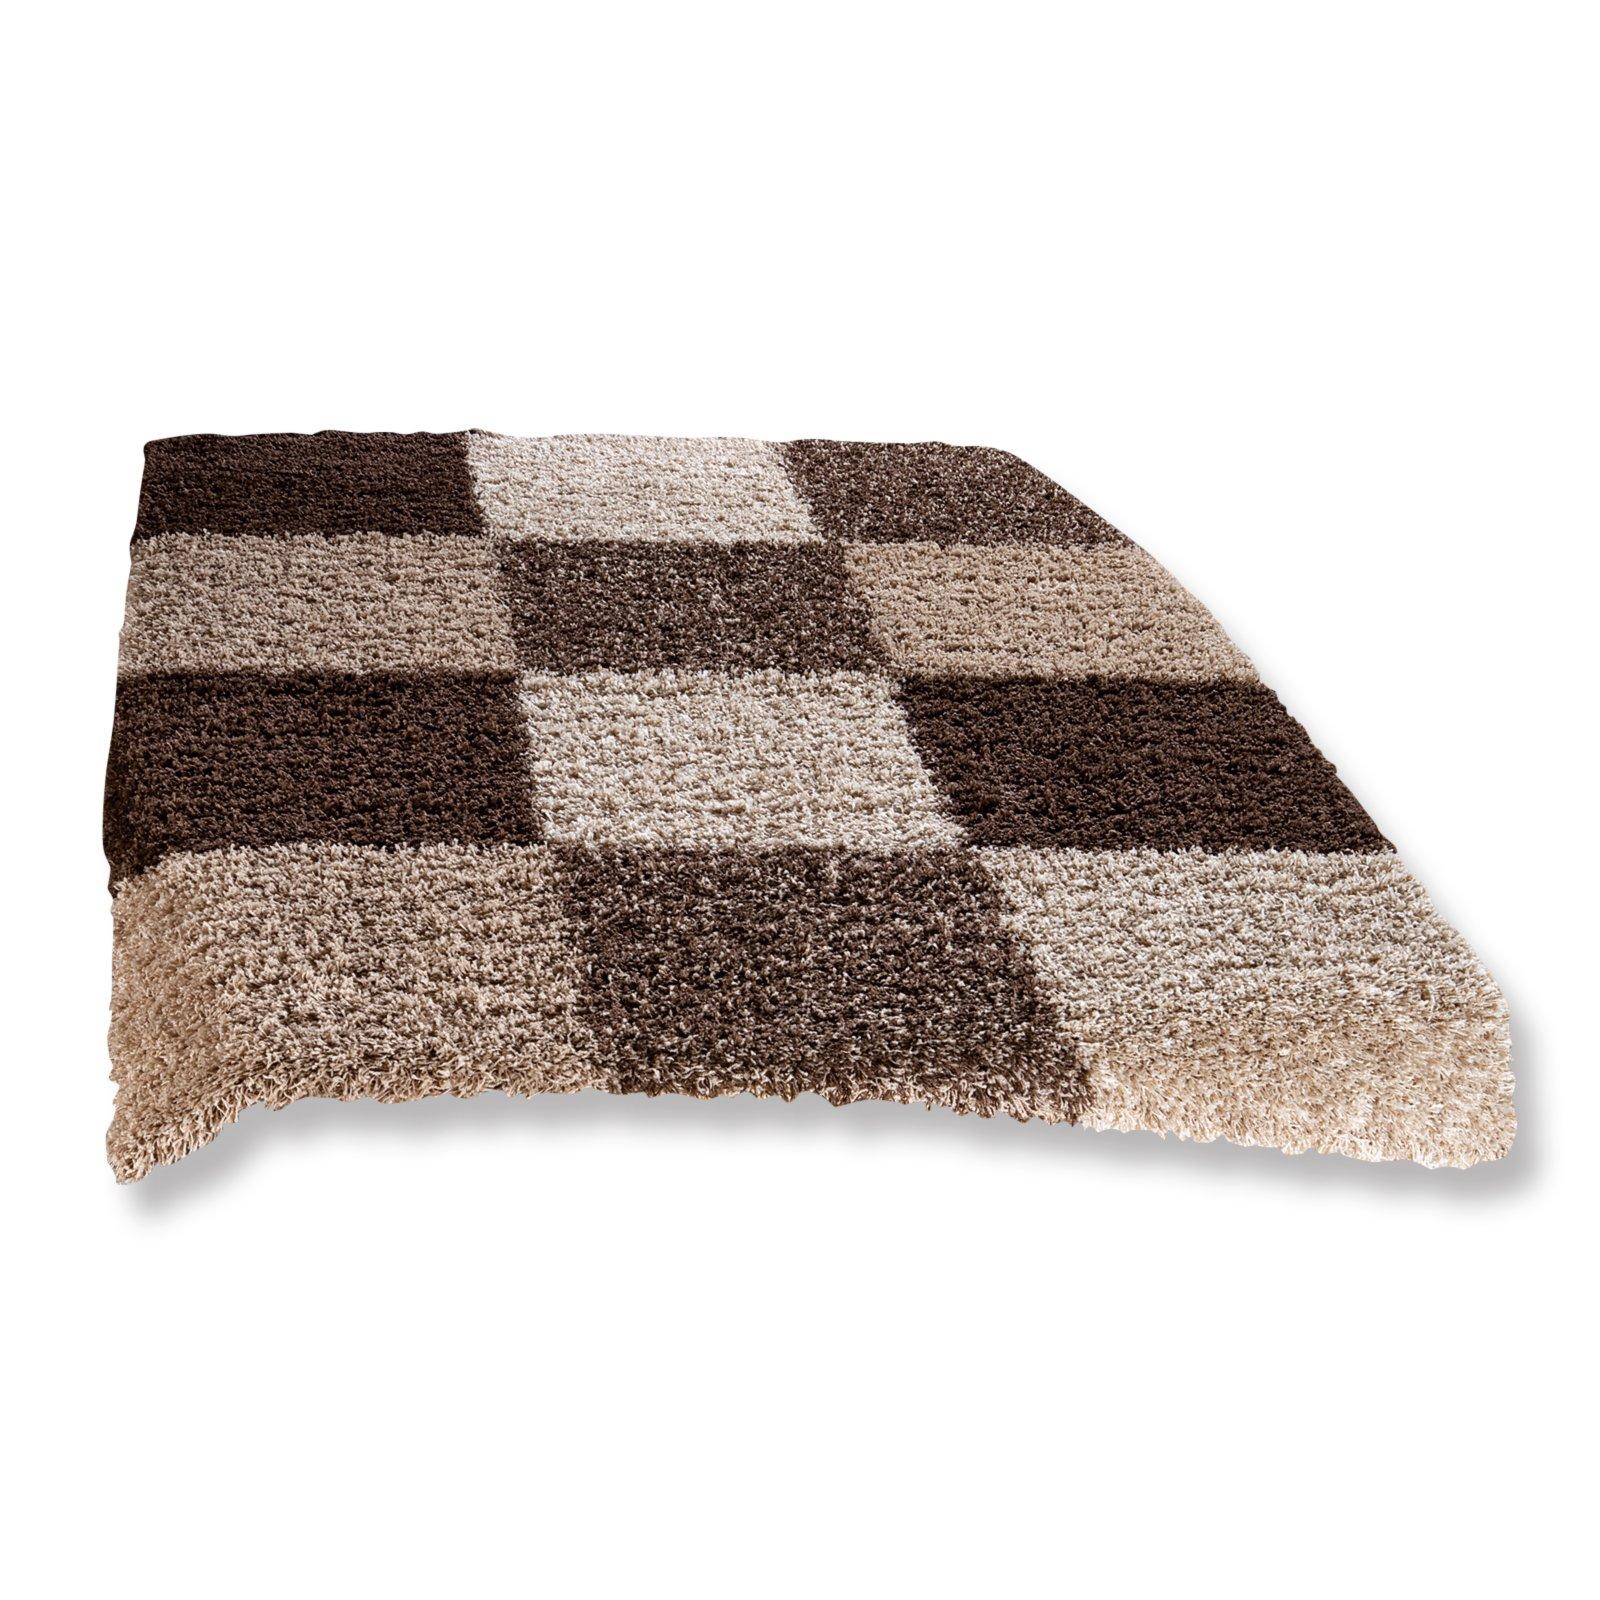 teppich shaggy braun beige 160x230 cm hochflor shaggyteppiche teppiche l ufer. Black Bedroom Furniture Sets. Home Design Ideas